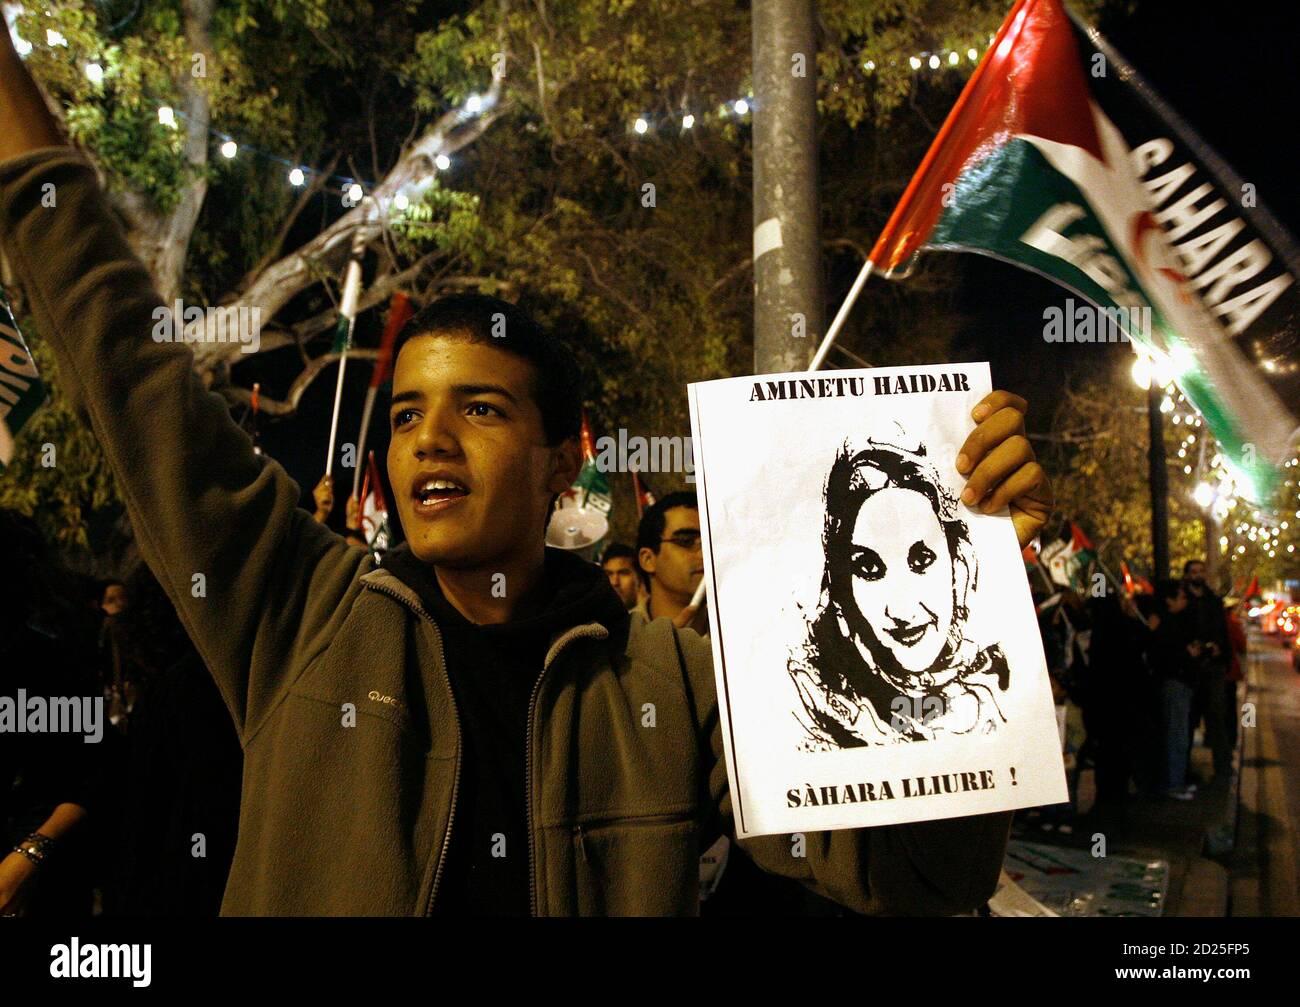 Ein Demonstrant hält ein Bild von Westsahara Unabhängigkeit Kämpferin Aminatou Haidar während einer Protestaktion in Valencia 10. Dezember 2009. Haidar begann einen Hungerstreik aus Protest gegen die aus ihrer Wüste Heimat vertrieben vor 23 Tagen. Sie wurde am Flughafen von Lanzarote auf den Kanarischen Inseln verweigern Essen seit der marokkanische Behörden Rücken in ein Flugzeug setzen, als sie nach Hause nach Laayoune nach einer Reise nach New York zurückkehrte. REUTERS/Heino Kalis (Spanien Konflikt Politik) Stockfoto